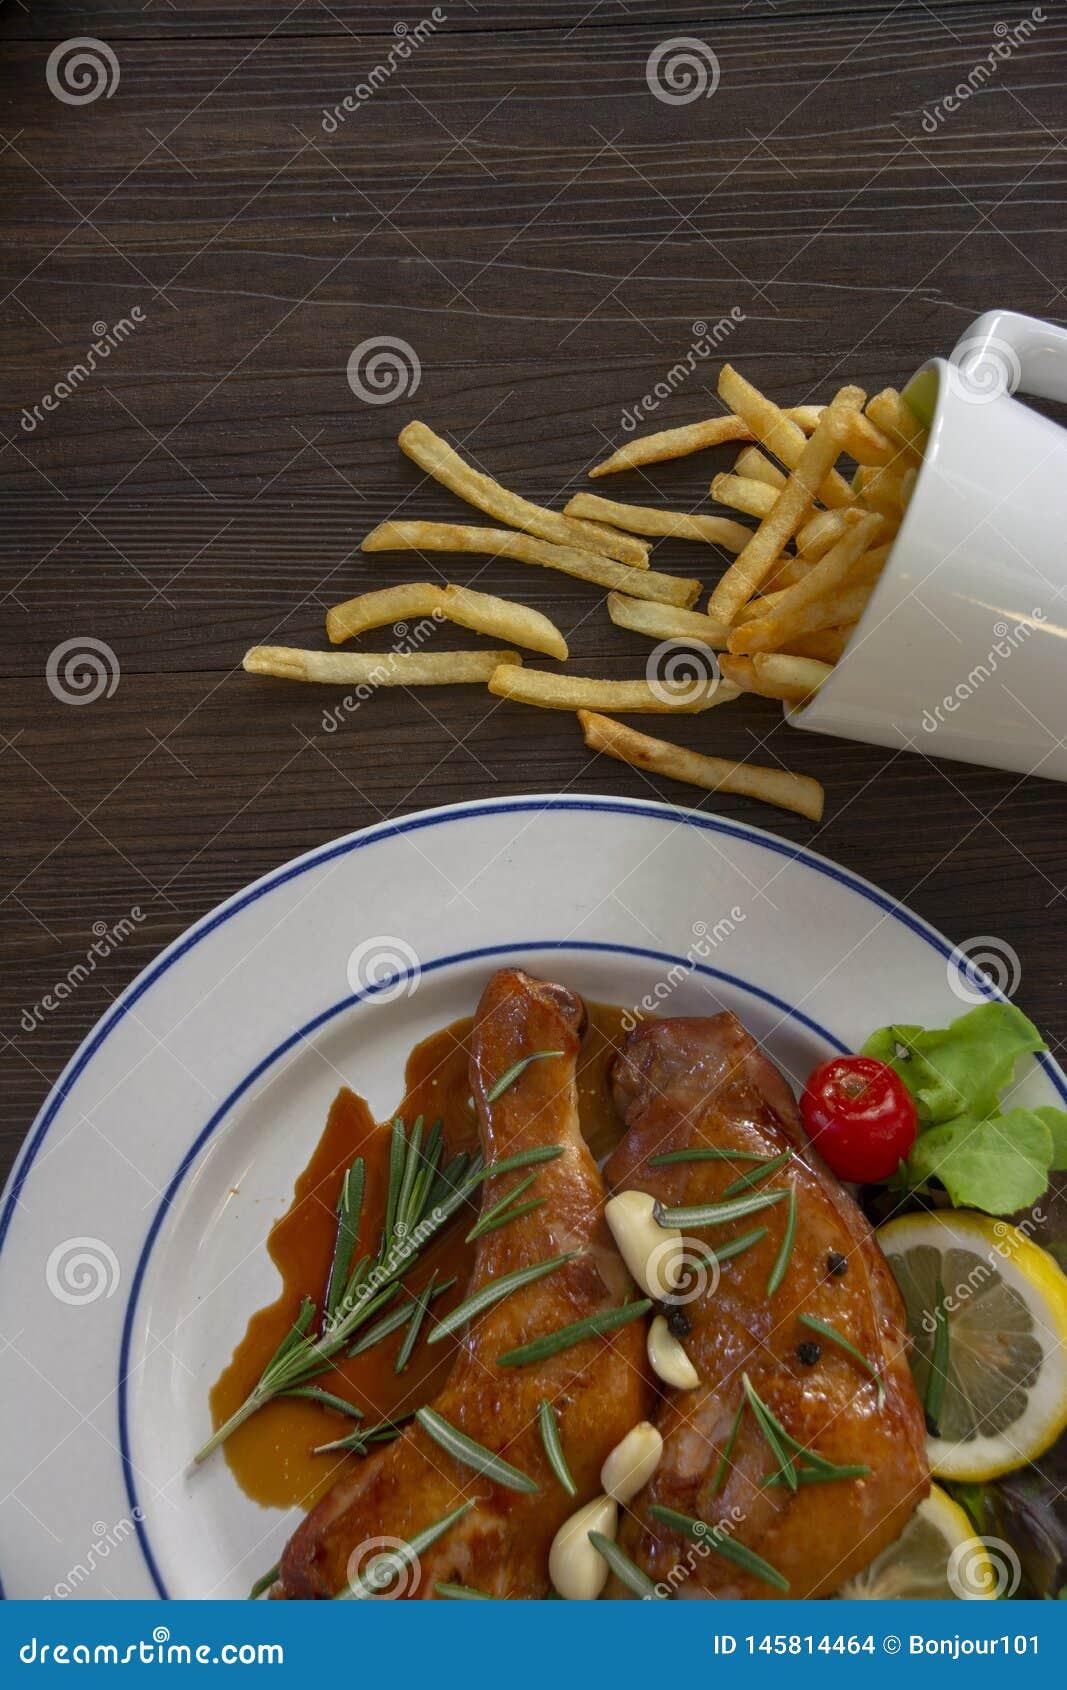 Två stycken av höna förläggas på en vit platta, och såsen hälls på hönan Det finns en sidomaträtt med grönsaker,